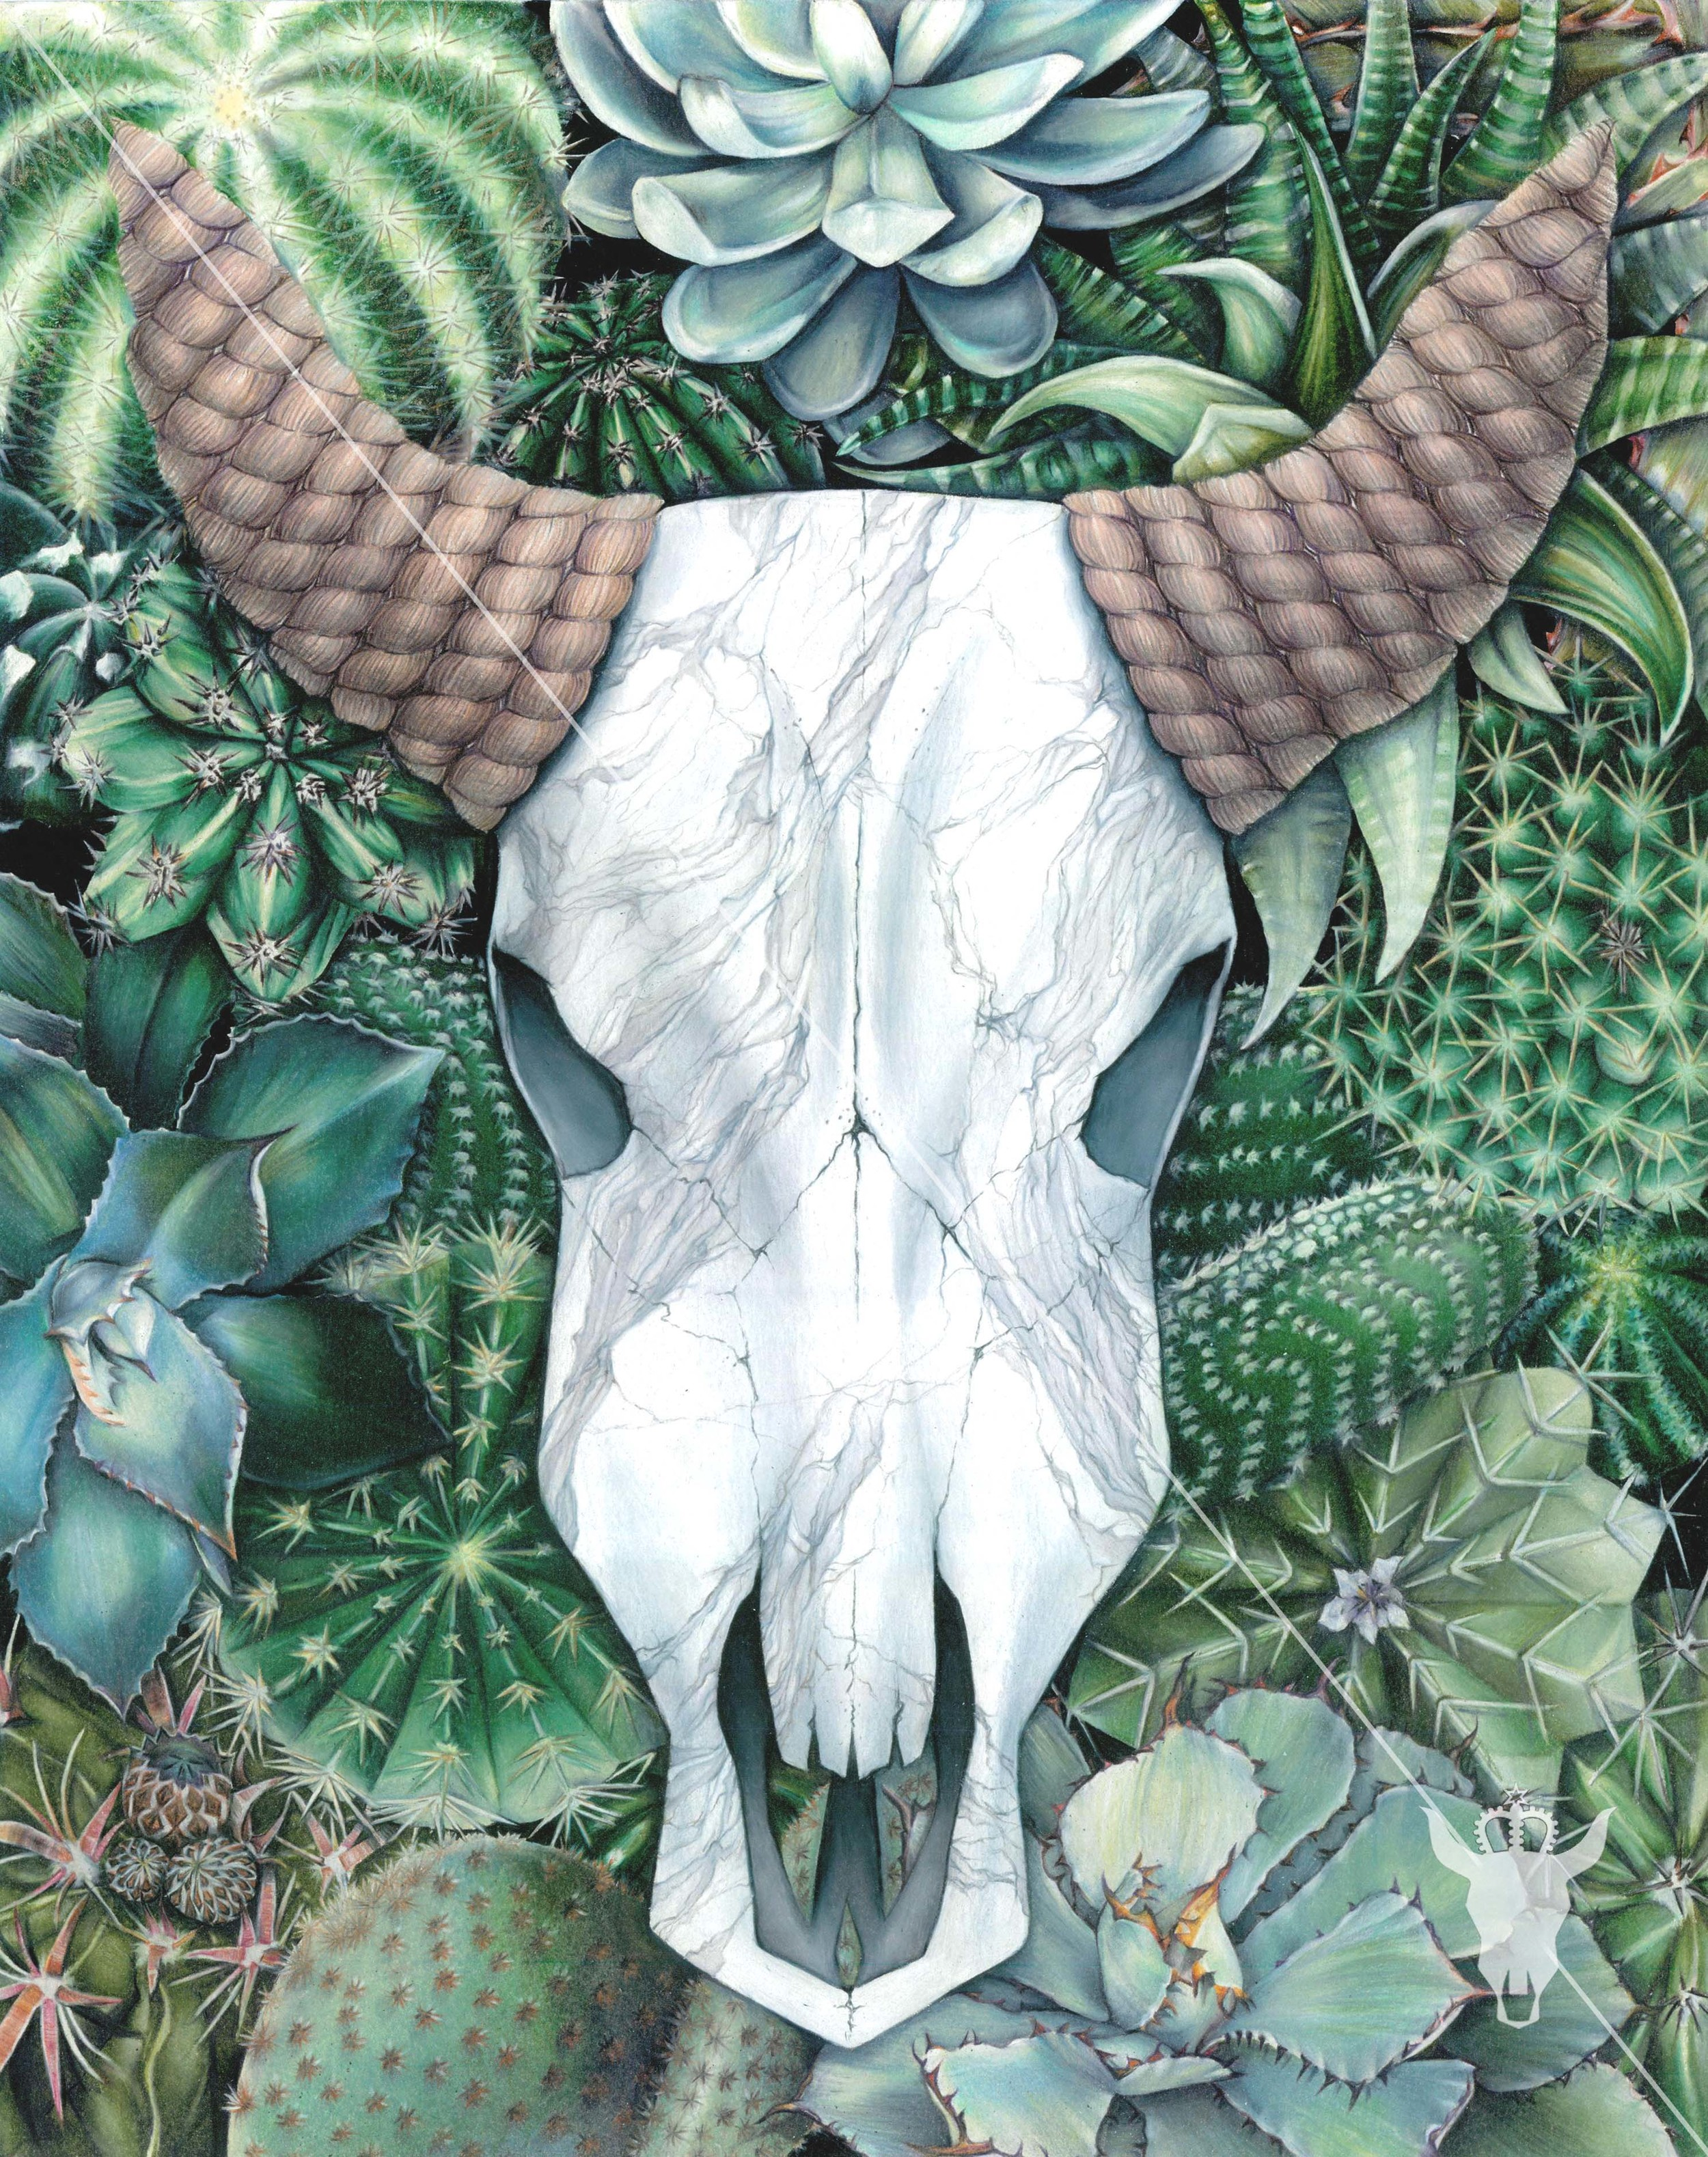 Bull 6 WeWoreWhat watermark.jpg